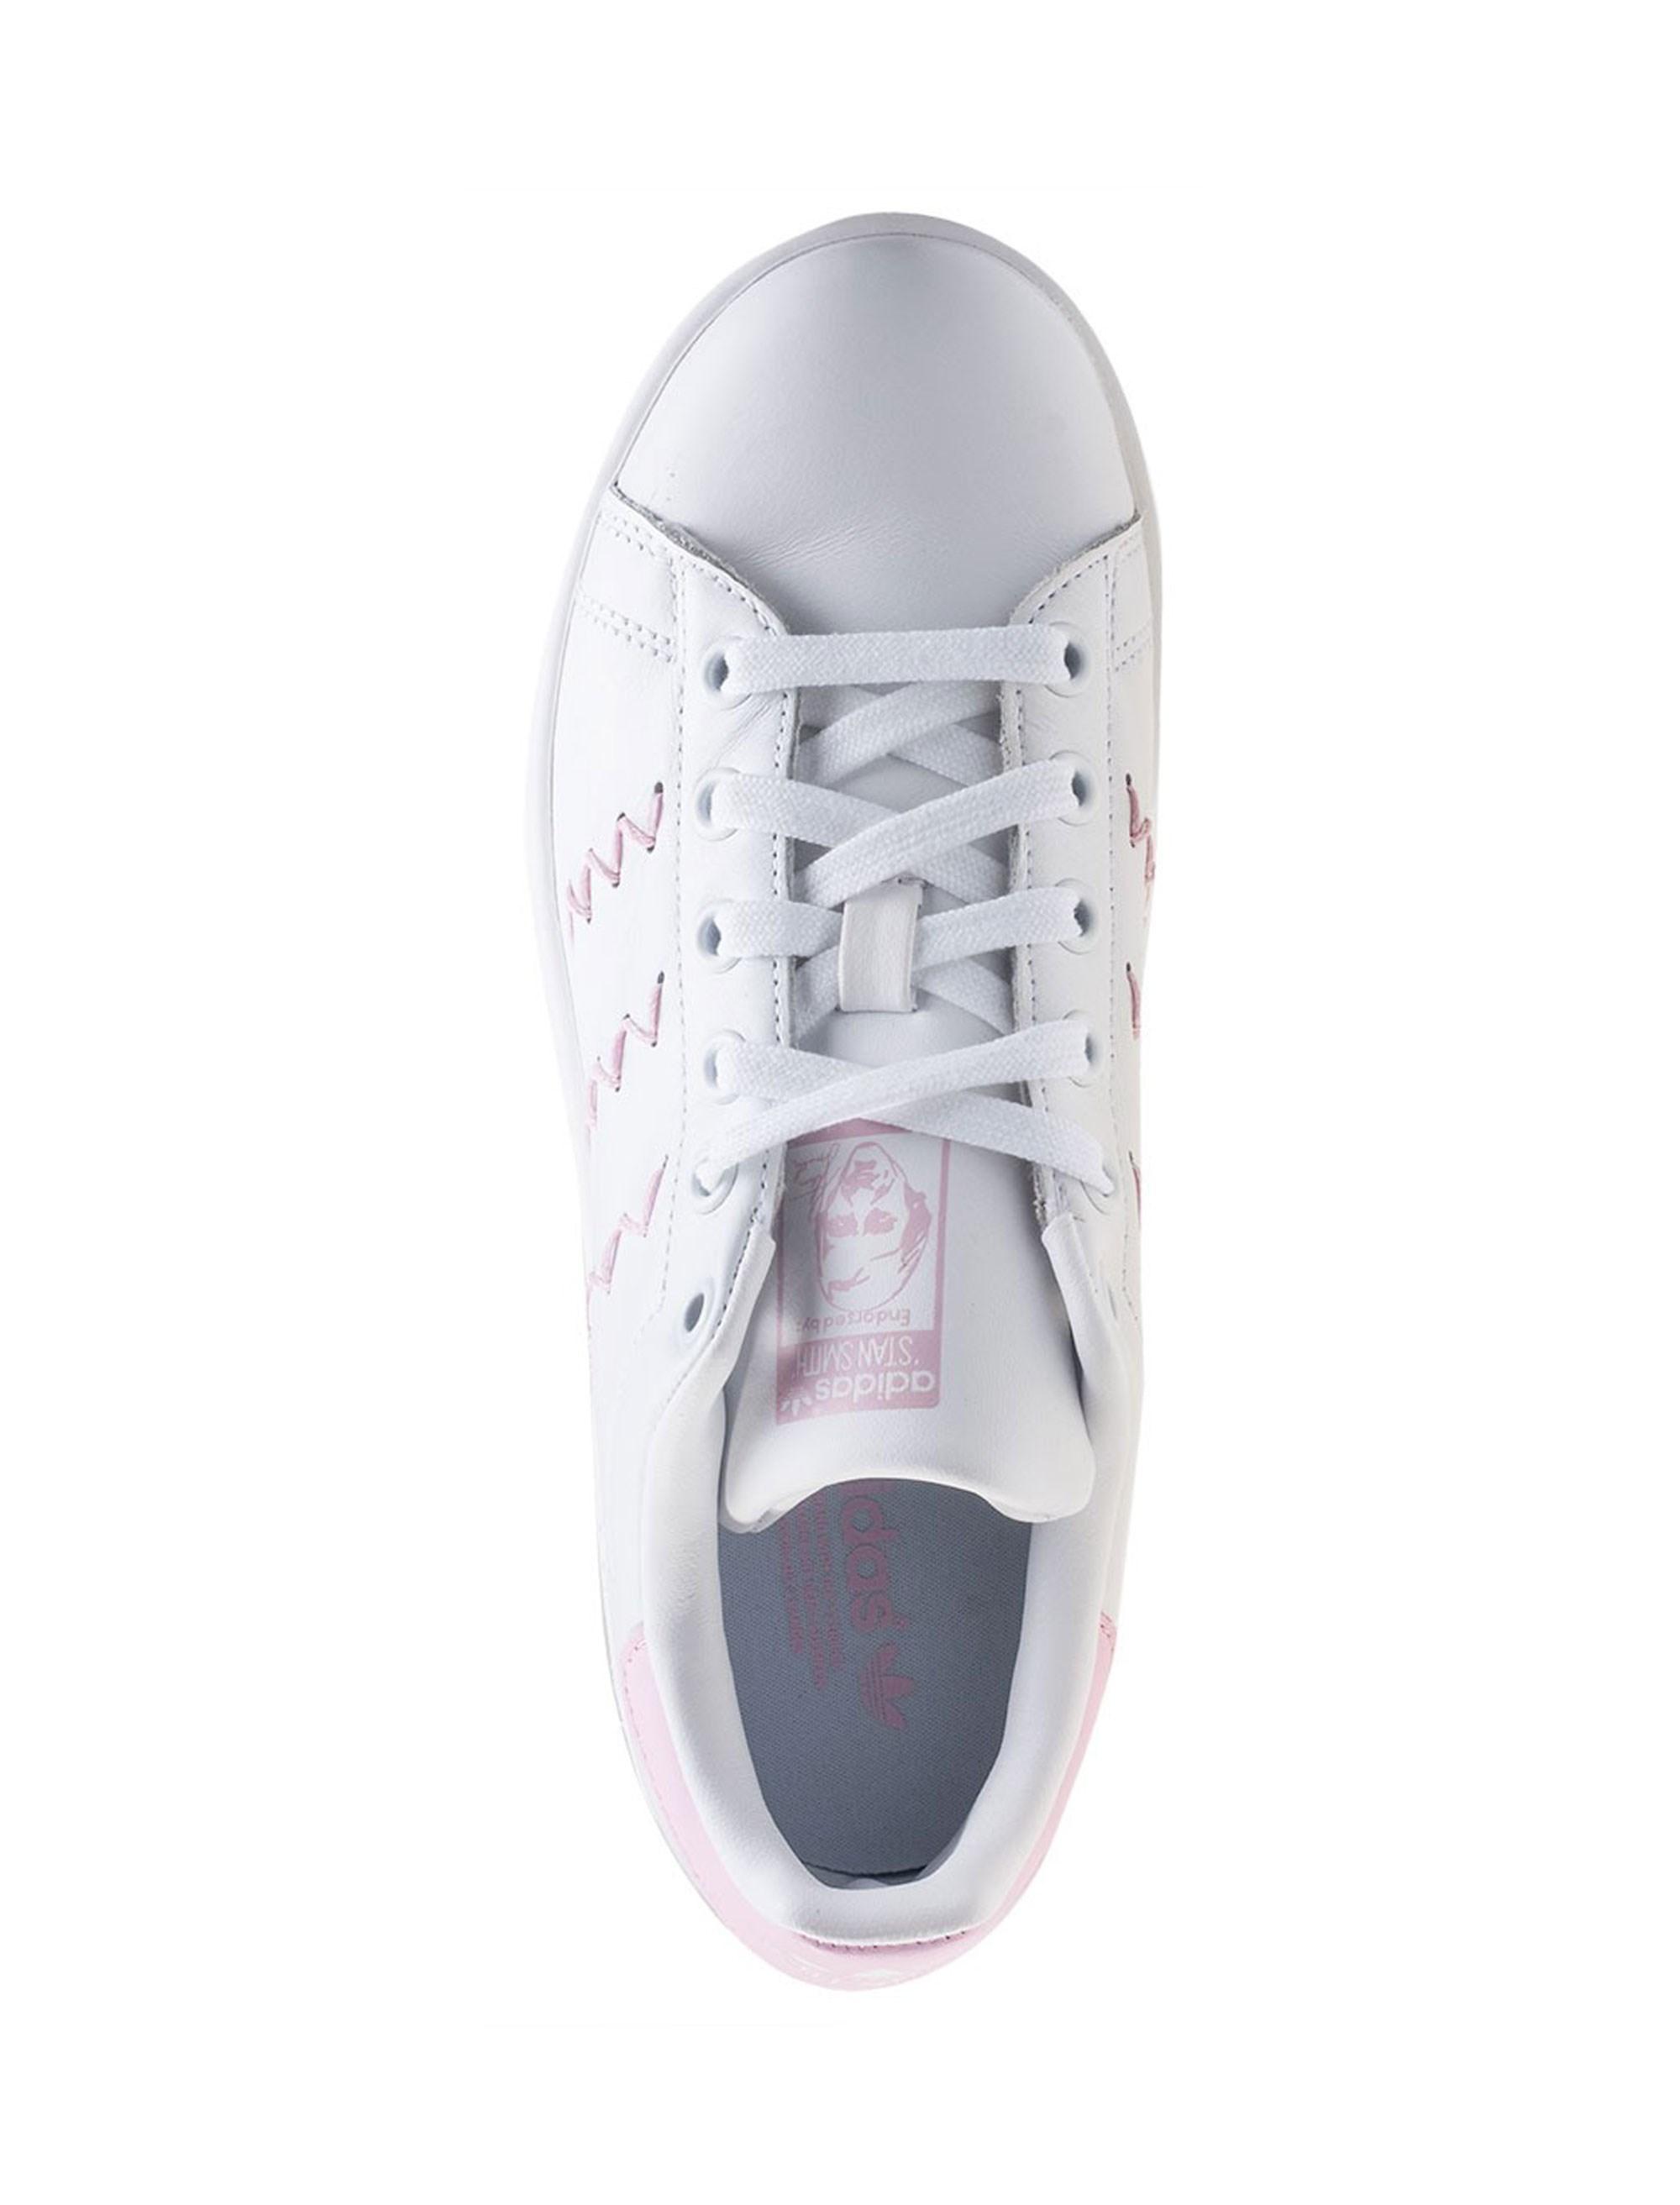 کفش راحتی زنانه آدیداس مدل BZ0401 - سفيد و صورتي - 2